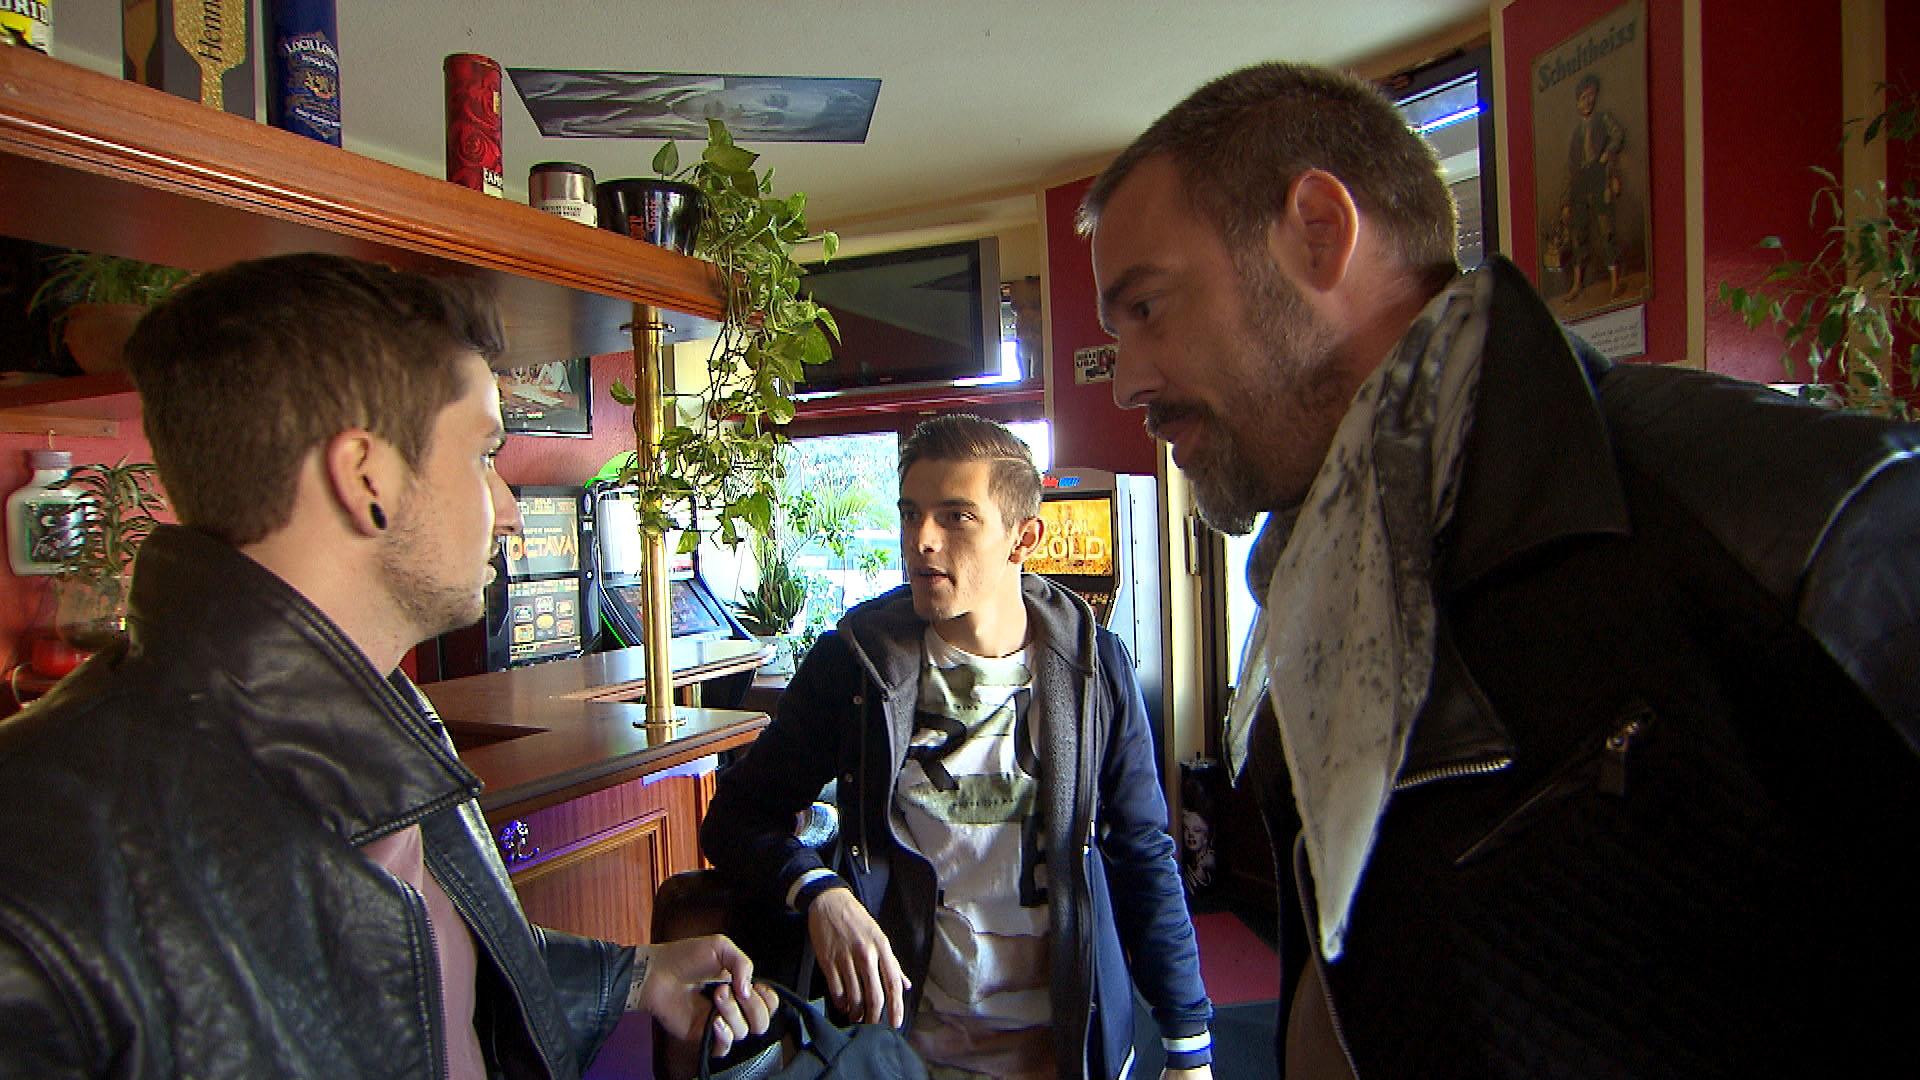 Jannes möchte Aylin überraschen, doch Theo macht ihm einen Strich durch die Rechnung. v.li.: Jannes, Malte, Theo (Quelle: RTL 2)